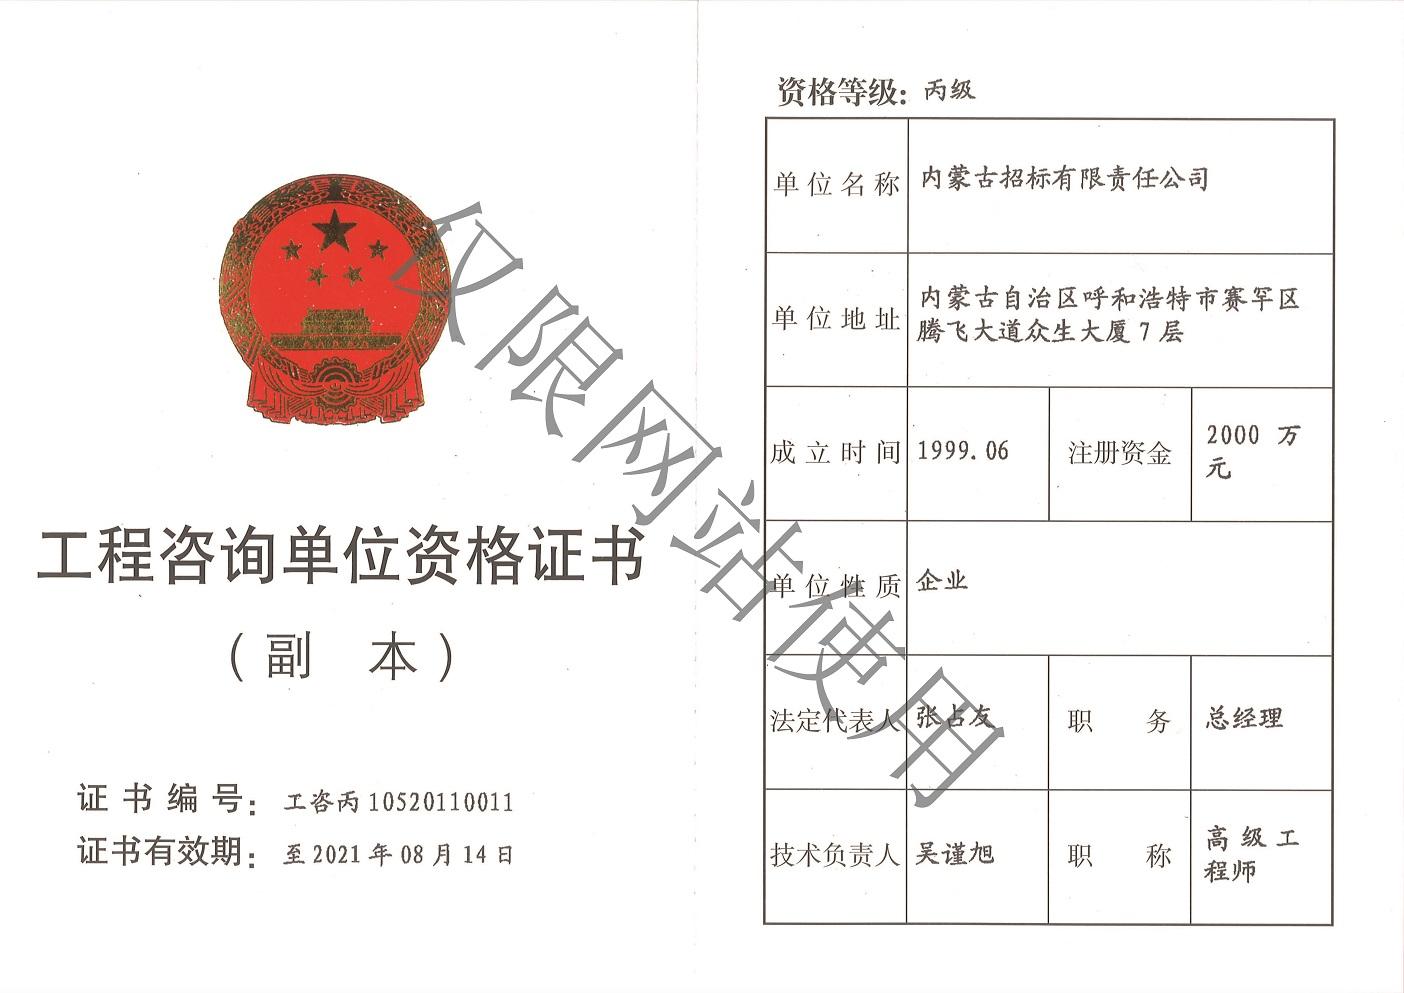 工程咨询单位丙级证书副本1